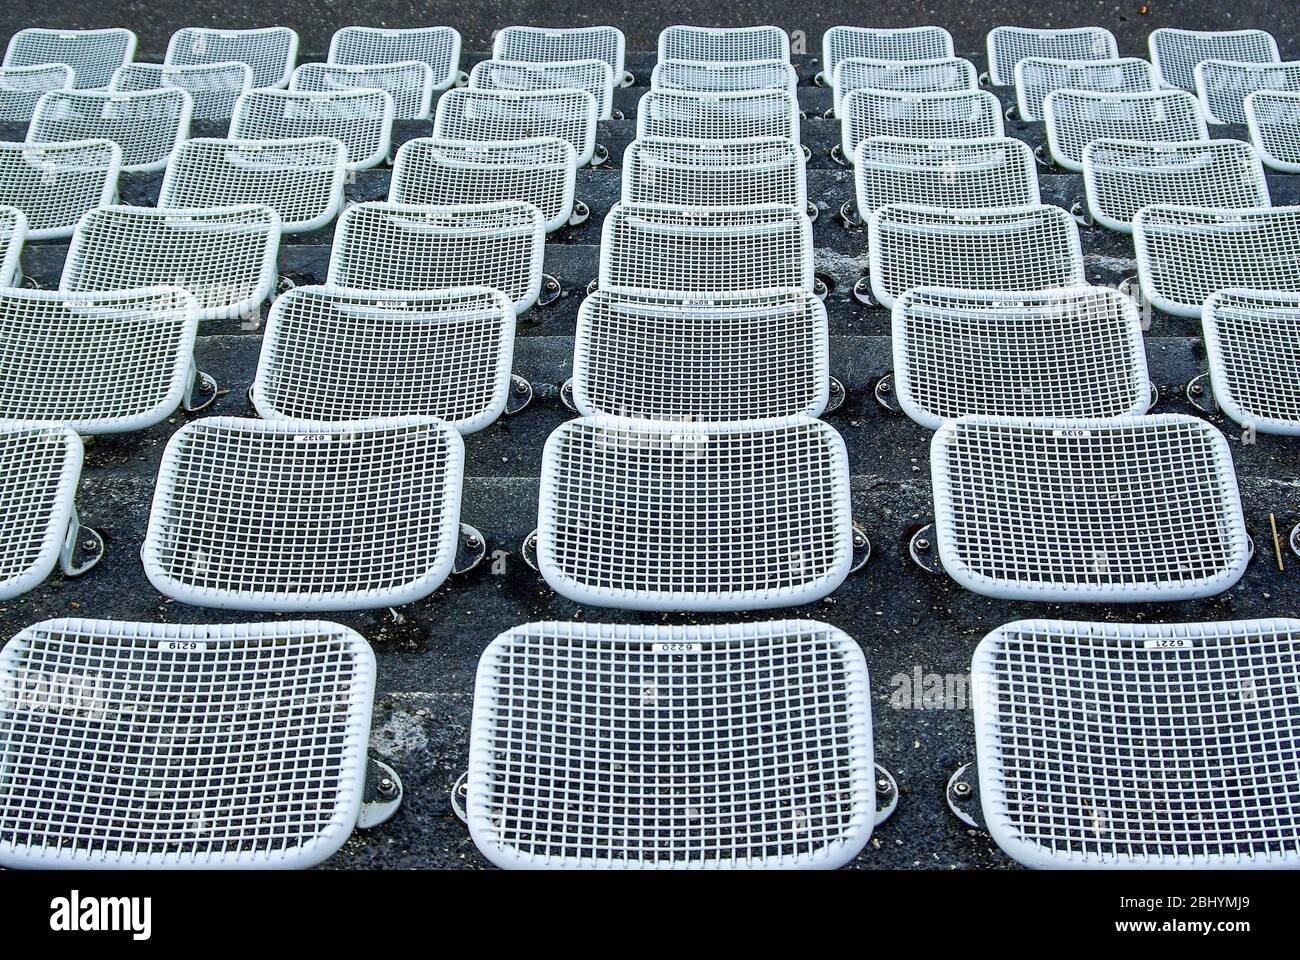 Leere Sitze und Reihen in einer Freiluftarena. Stockfoto